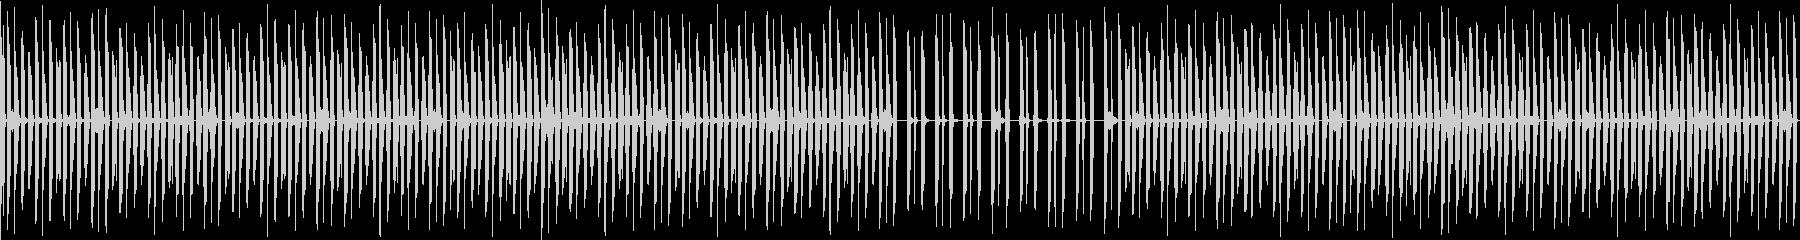 削ぎ落とされミニマルなスローダウンビートの未再生の波形